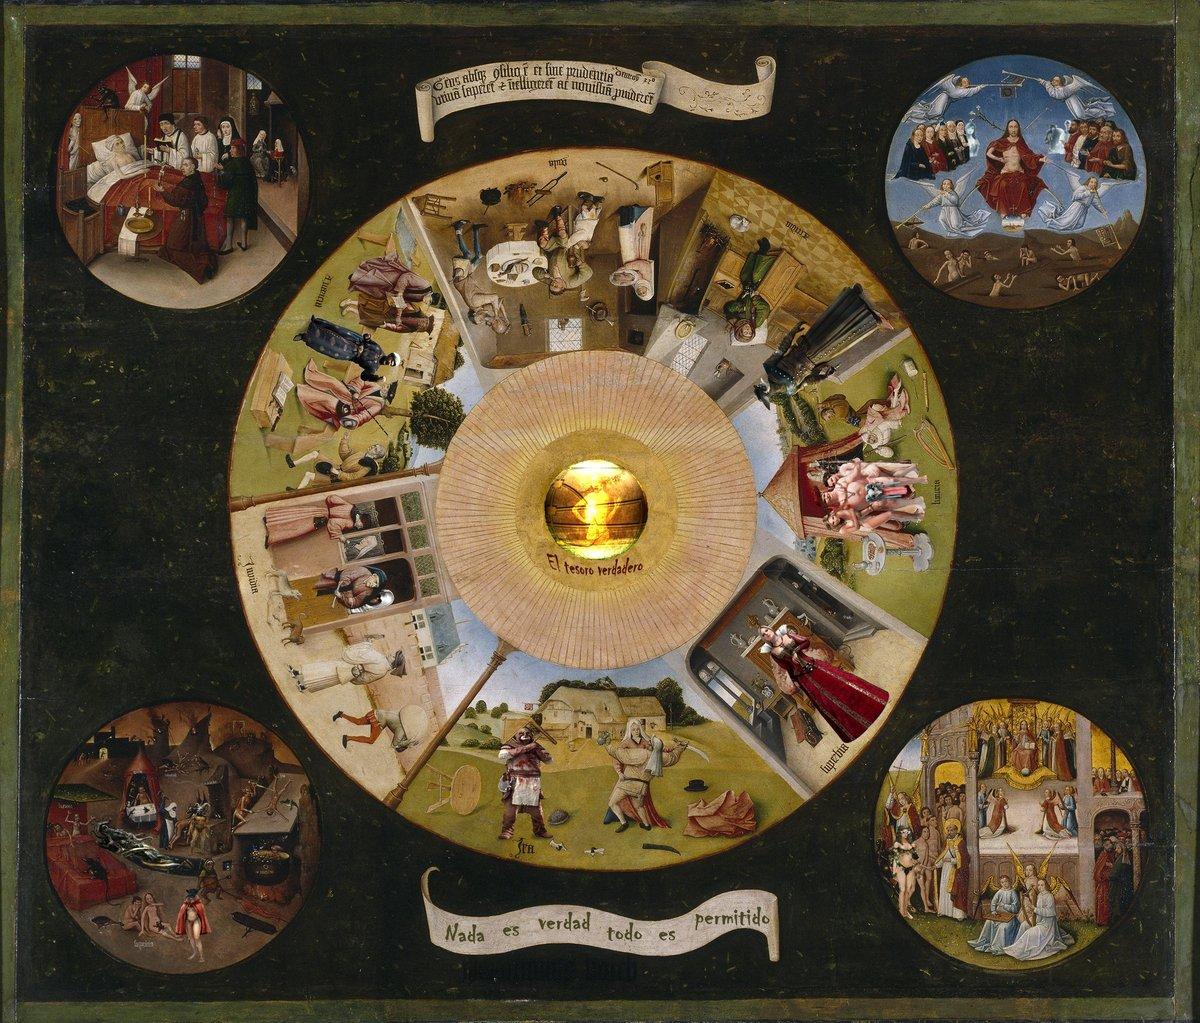 Четыре круглых изображения по углам (тондо), называемые «четыре последние вещи», дополняют картину: они изображают смерть, страшный суд, рай и ад.